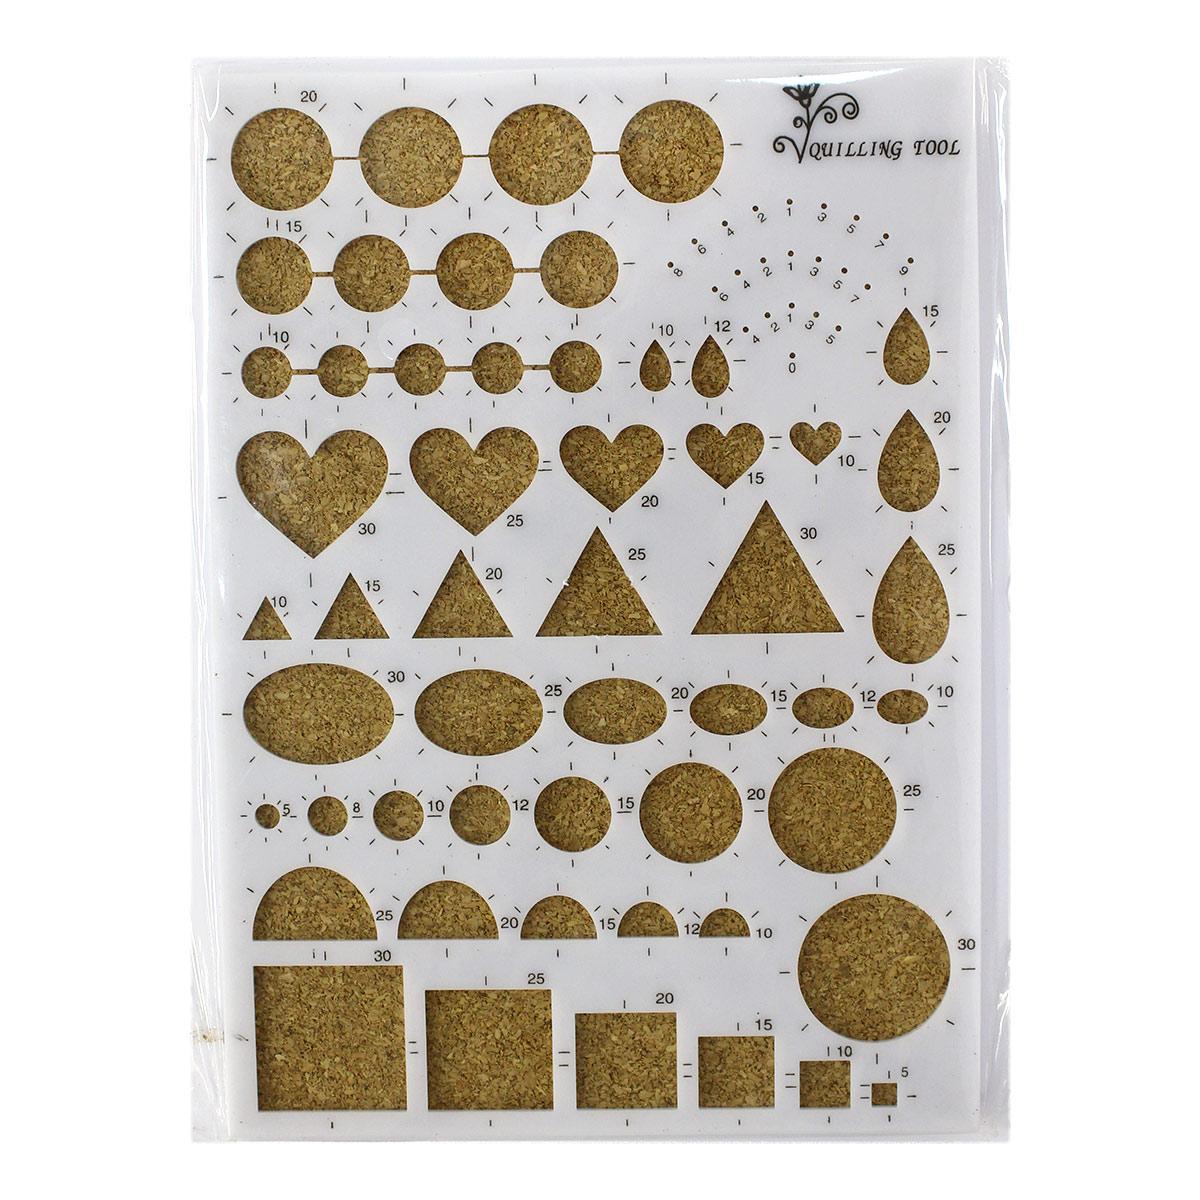 22966 Пластиковая доска для квиллинга с пробковым основанием, цв. белый